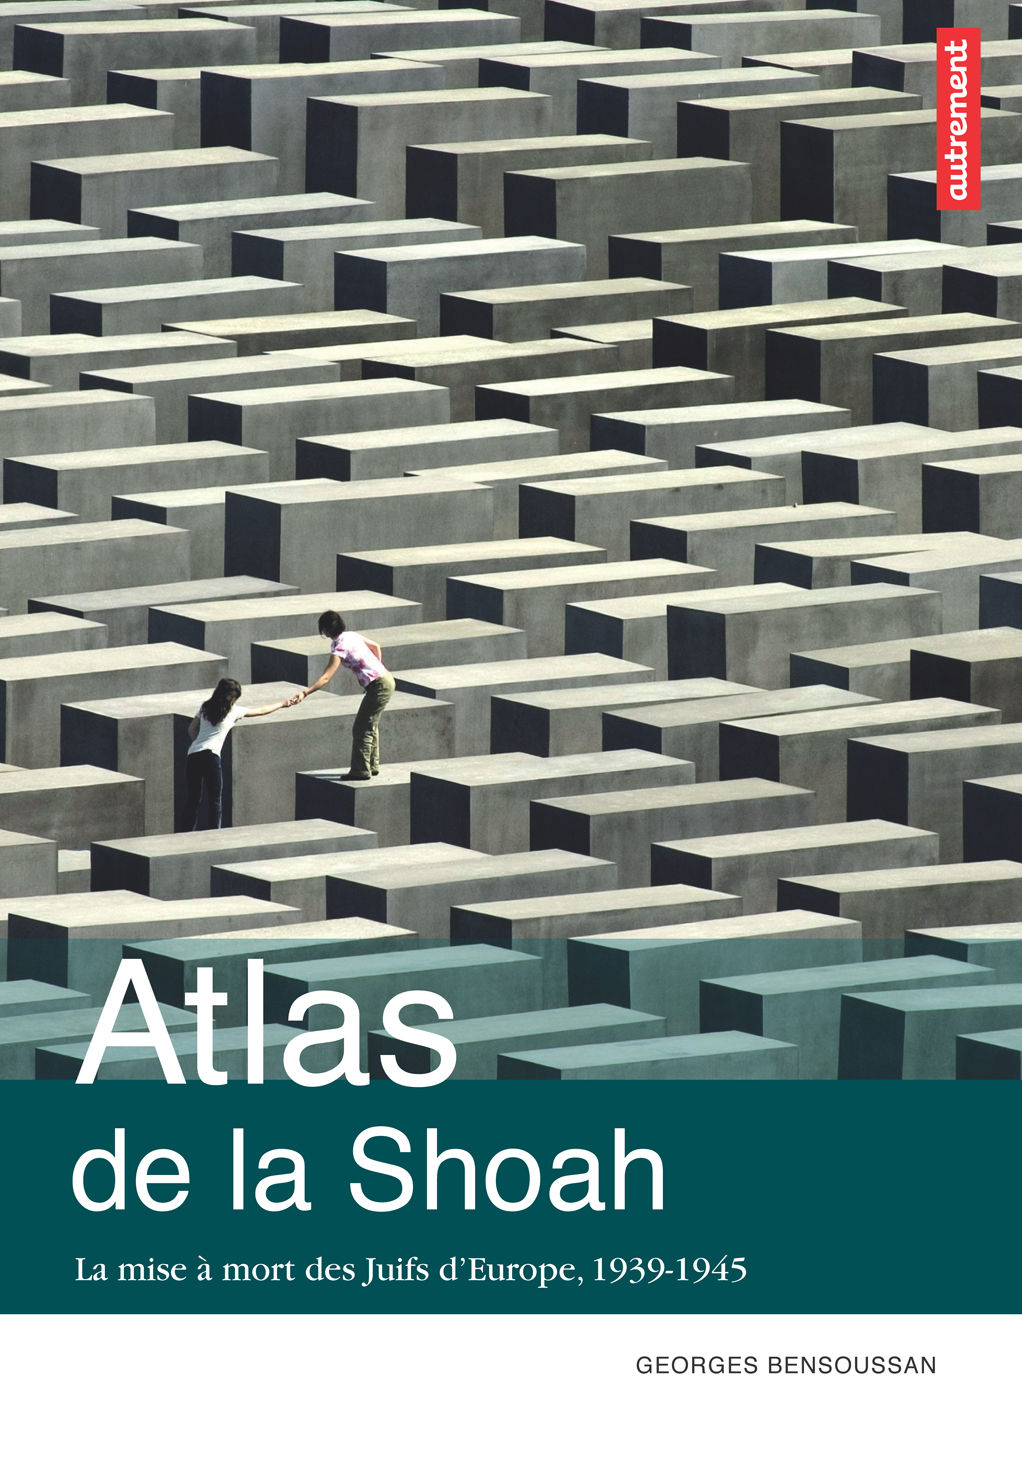 Atlas de la Shoah. La mise à mort des Juifs d'Europe (1939-1945)